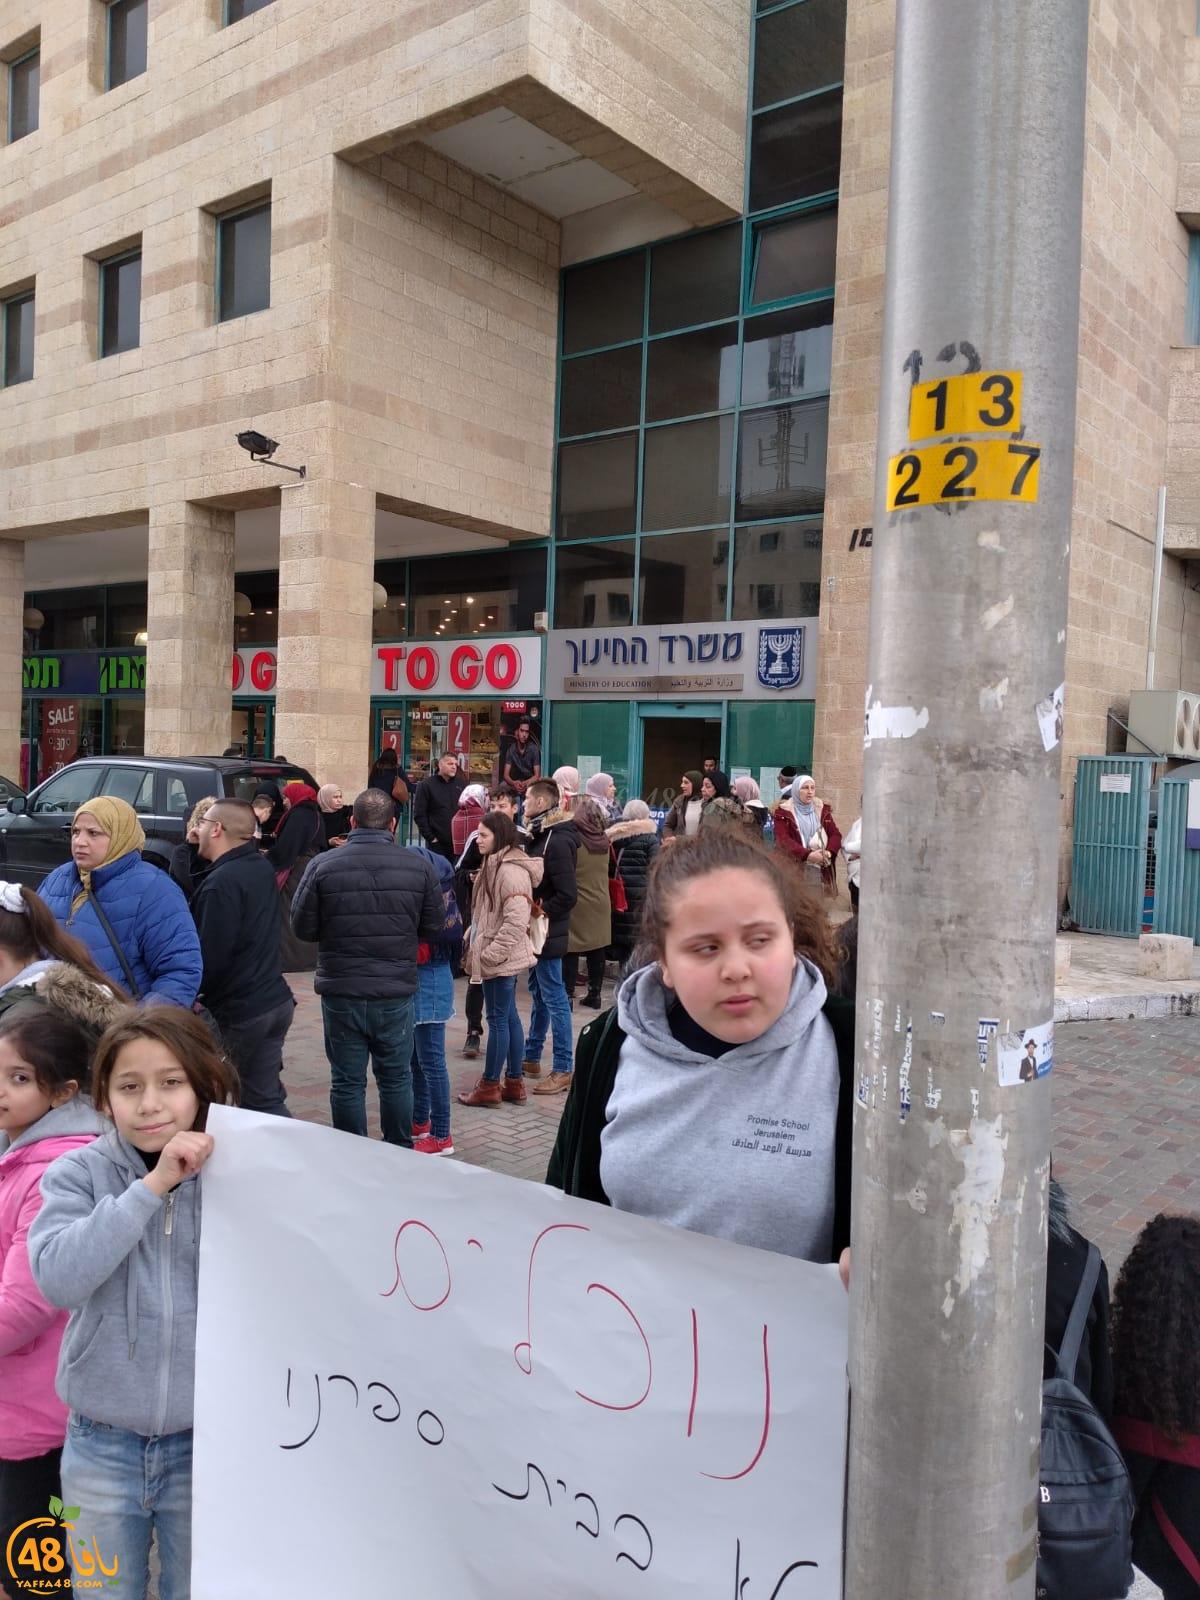 غضب في شعفاط بعد اغلاق مدرسة الوعد الصادق وابقاء 300 طالب دون اطار تعليمي